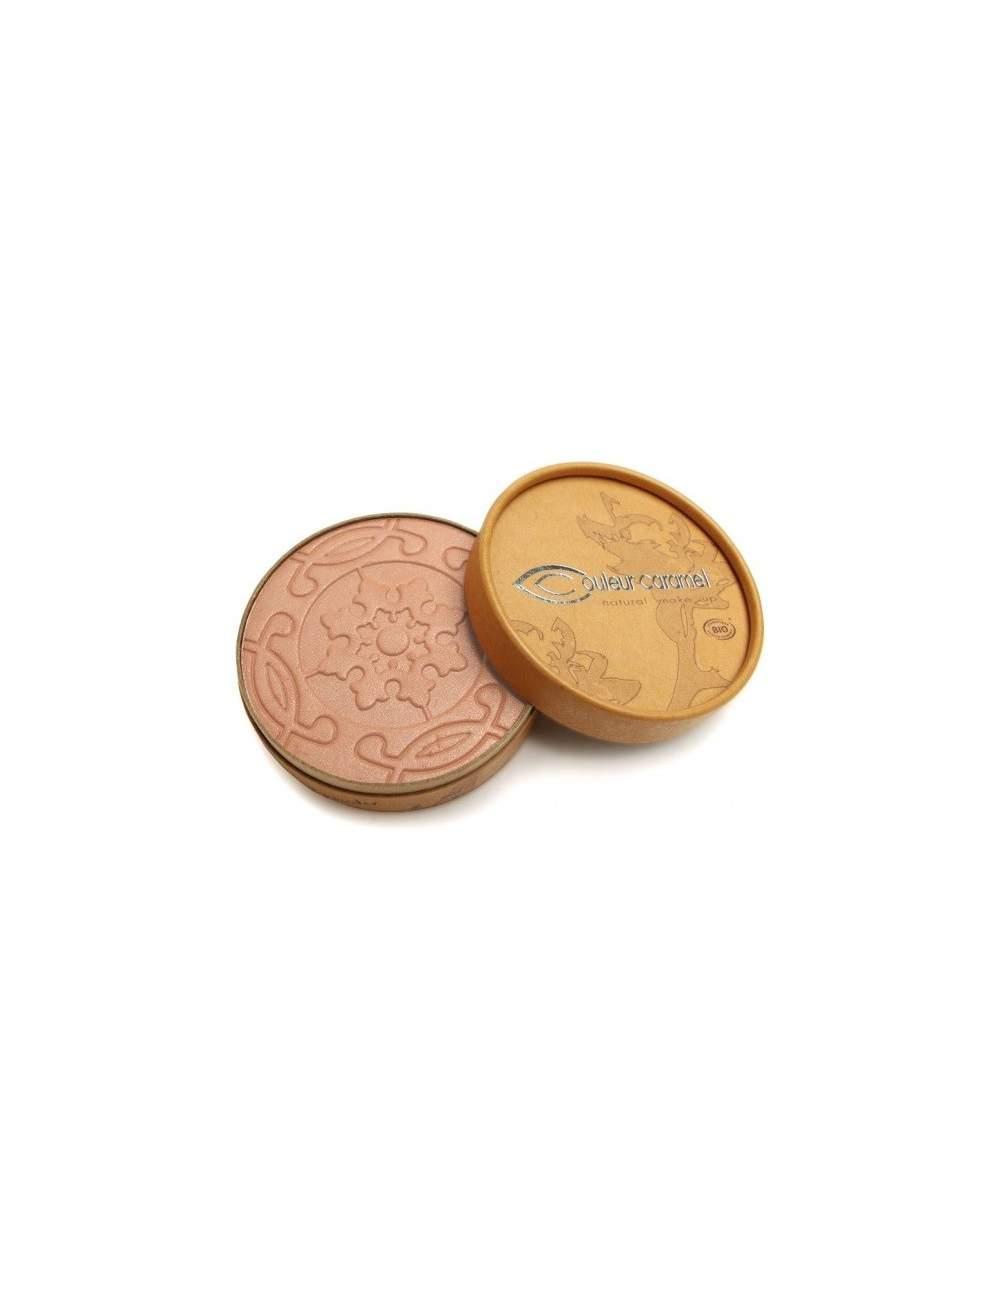 Poudres Bronzantes Bio Nacrés Terre Caramel 23 Beige Brown. Couleur Caramel